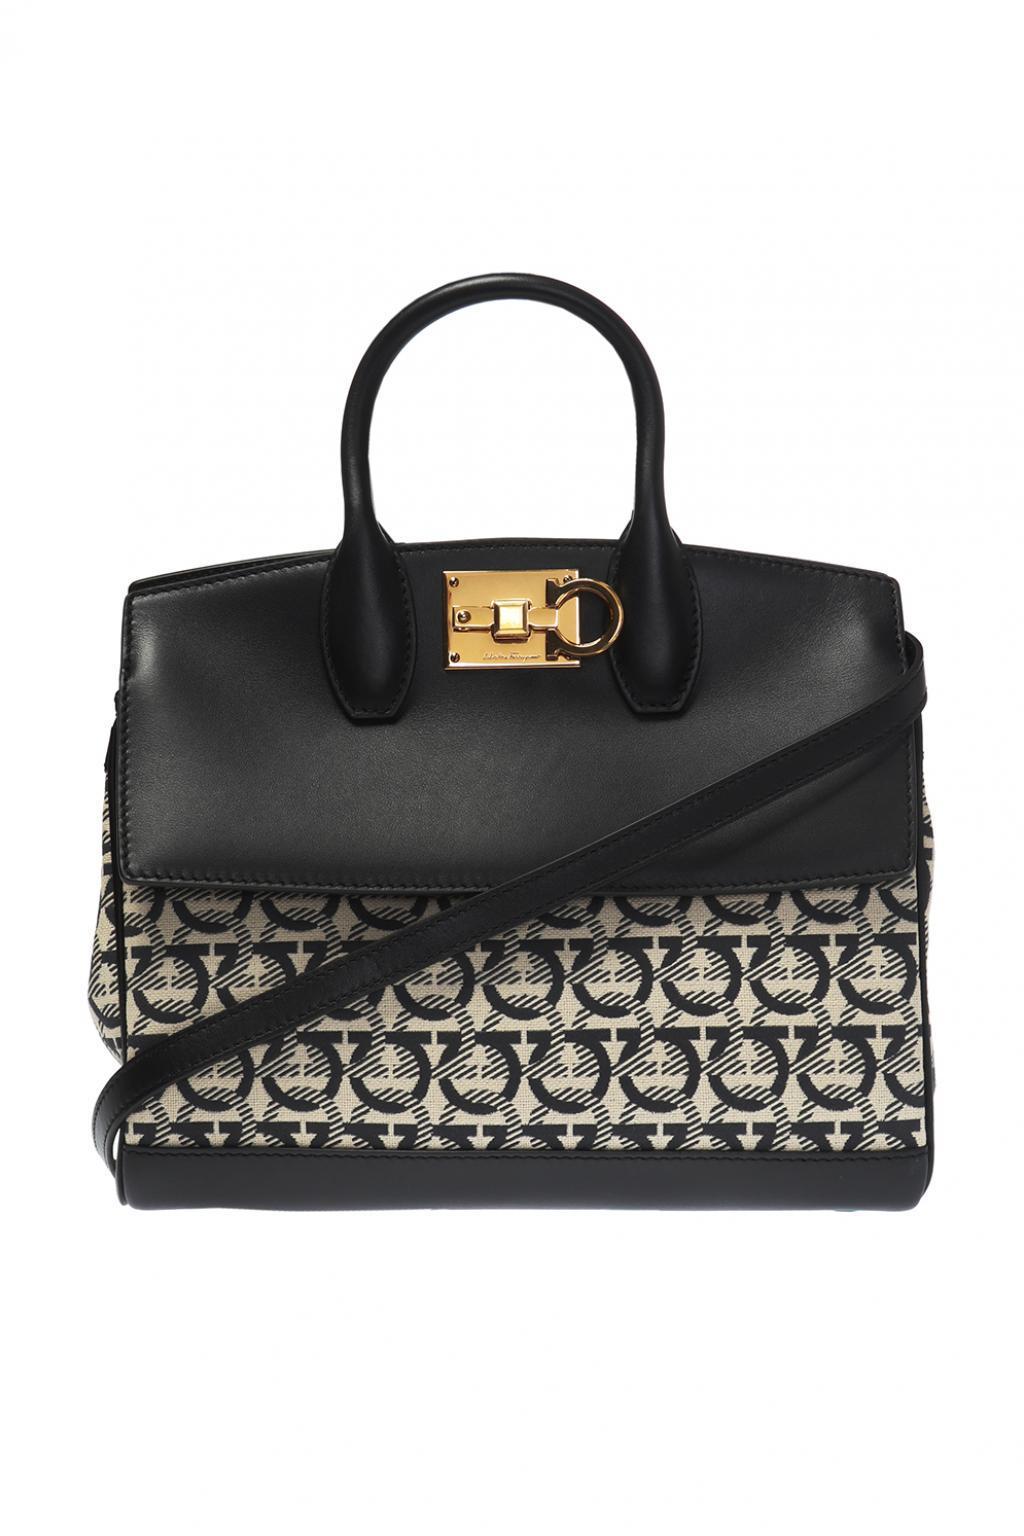 96220d72af Lyst - Ferragamo  the Studio  Shoulder Bag in Black